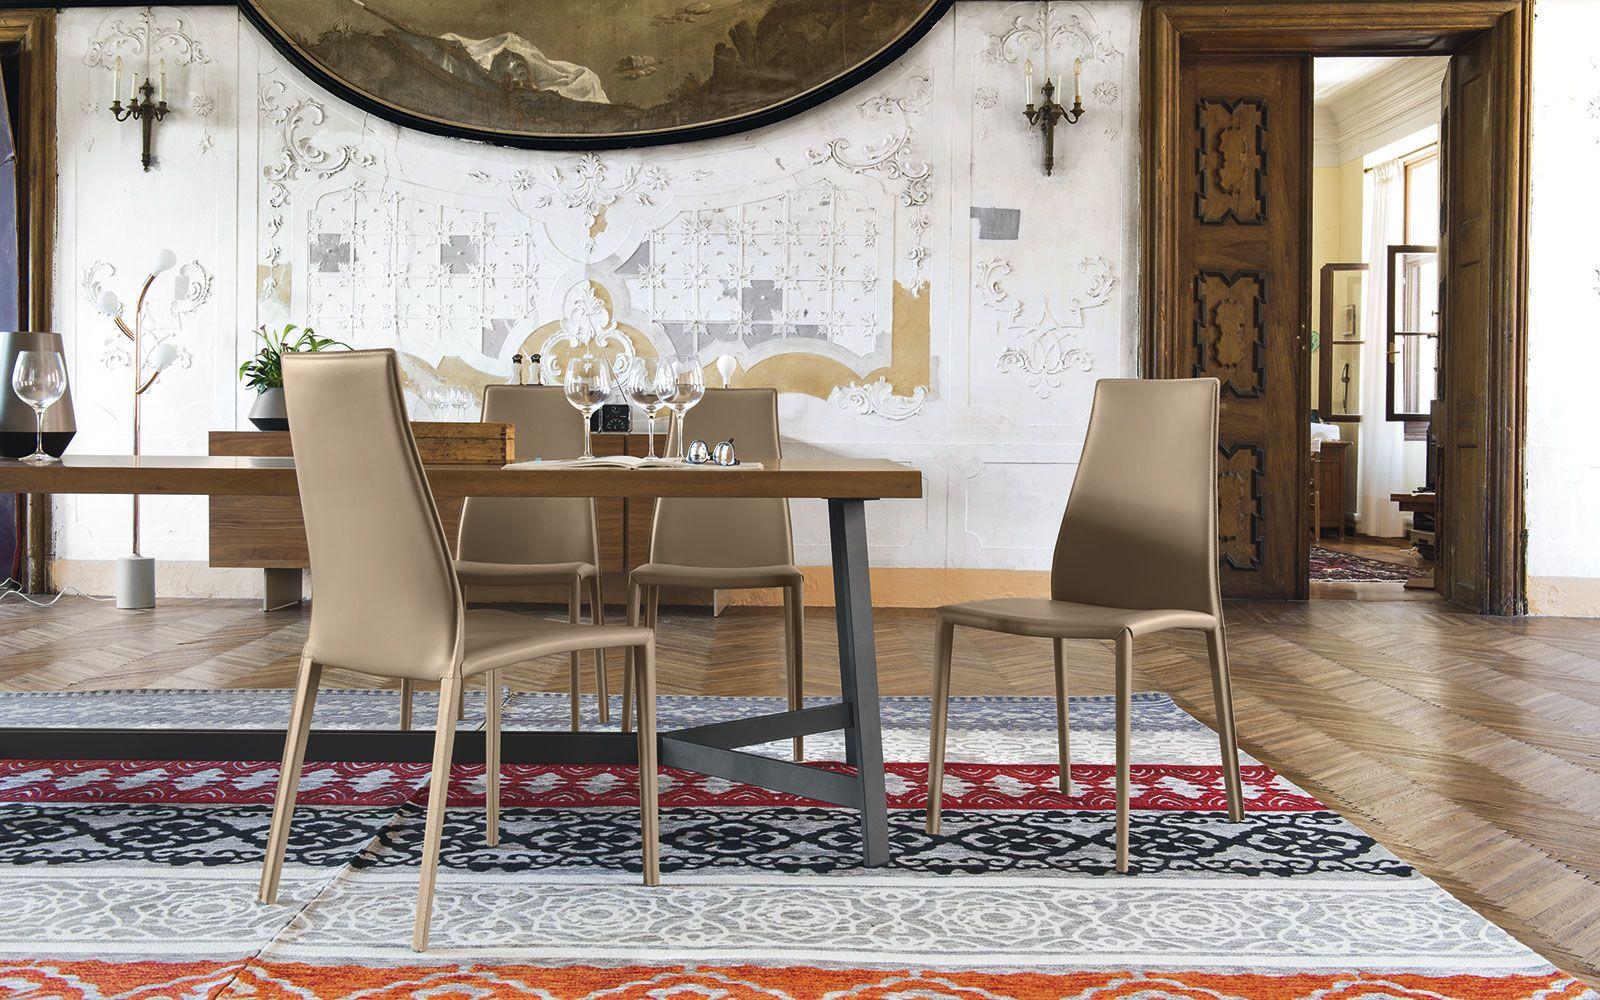 Sedie Rosse Calligaris : Sedia aida plus di calligaris sedie moderne sedie sedia